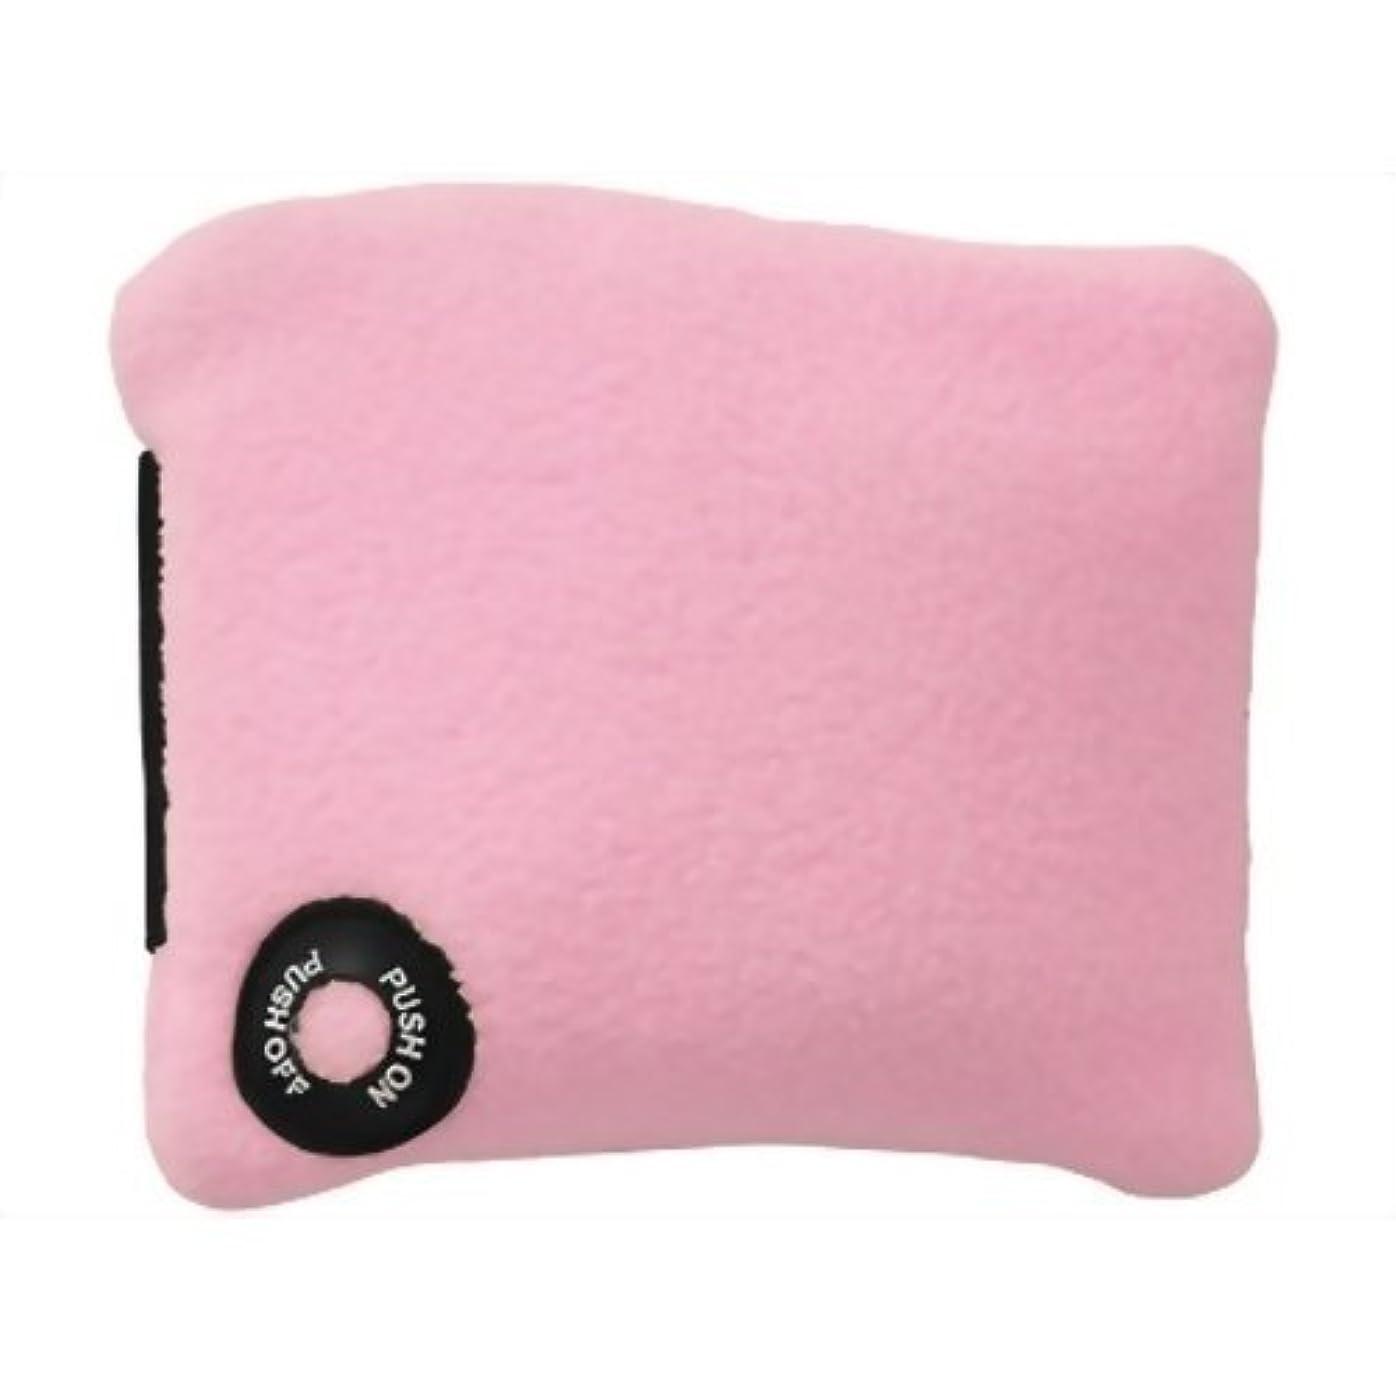 脈拍継続中作詞家ぶるる 足用 ピンク フリーサイズ